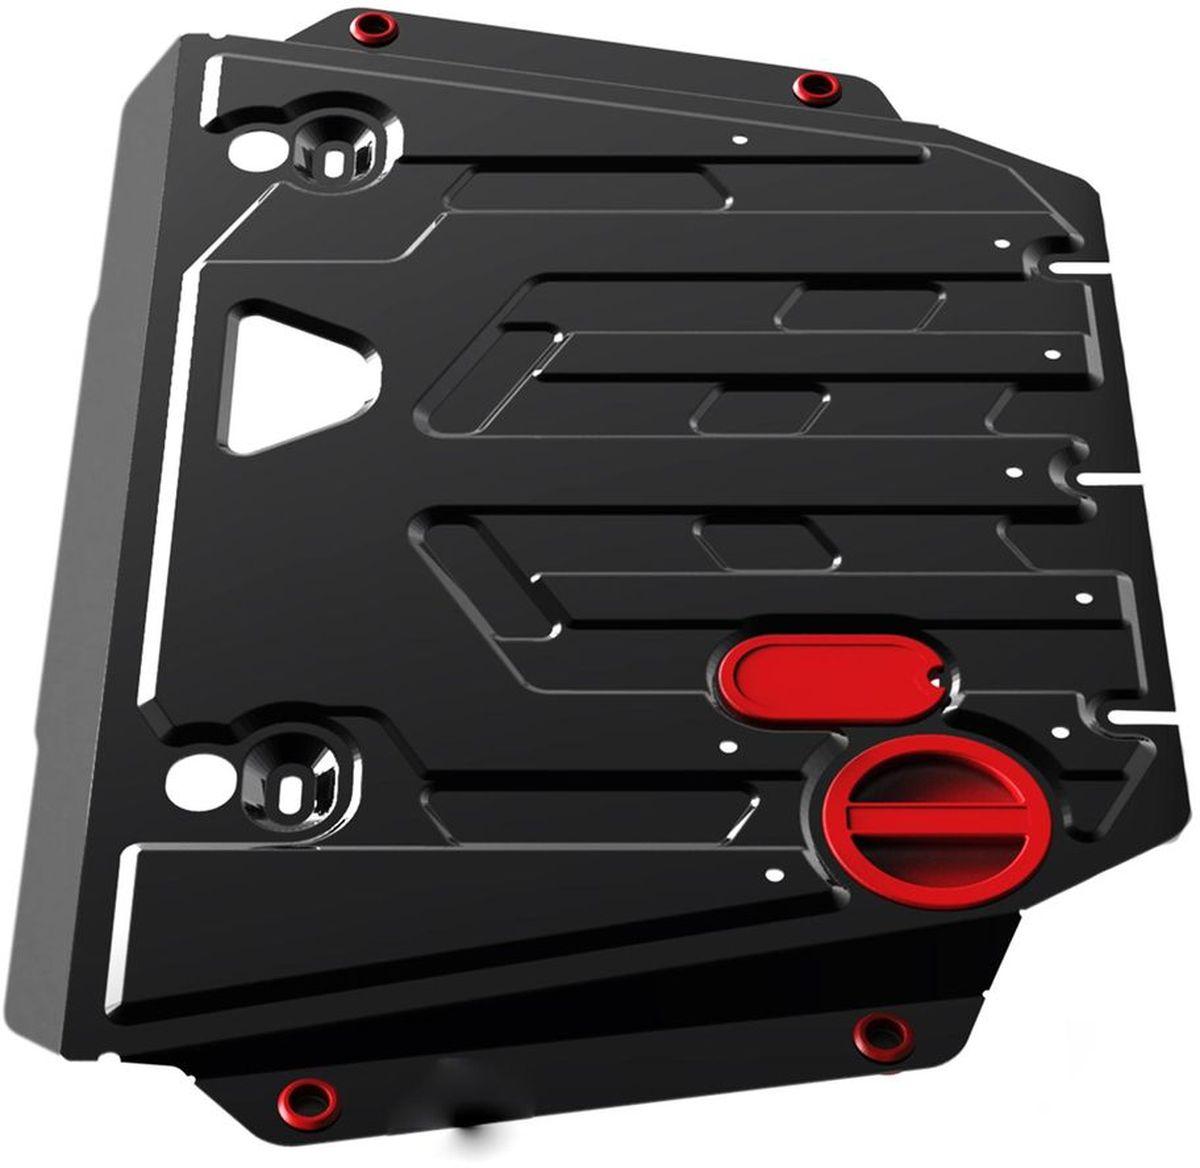 Защита картера и КПП Автоброня, для Honda HR-V V - 1,6 (1998-2005)2706 (ПО)Технологически совершенный продукт за невысокую стоимость.Защита разработана с учетом особенностей днища автомобиля, что позволяет сохранить дорожный просвет с минимальным изменением.Защита устанавливается в штатные места кузова автомобиля. Глубокий штамп обеспечивает до двух раз больше жесткости в сравнении с обычной защитой той же толщины. Проштампованные ребра жесткости препятствуют деформации защиты при ударах.Тепловой зазор и вентиляционные отверстия обеспечивают сохранение температурного режима двигателя в норме. Скрытый крепеж предотвращает срыв крепежных элементов при наезде на препятствие.Шумопоглощающие резиновые элементы обеспечивают комфортную езду без вибраций и скрежета металла, а съемные лючки для слива масла и замены фильтра - экономию средств и время.Конструкция изделия не влияет на пассивную безопасность автомобиля (при ударе защита не воздействует на деформационные зоны кузова). Со штатным крепежом. В комплекте инструкция по установке.Толщина стали: 2 мм.Уважаемые клиенты!Обращаем ваше внимание, что элемент защиты имеет форму, соответствующую модели данного автомобиля. Фото служит для визуального восприятия товара и может отличаться от фактического.